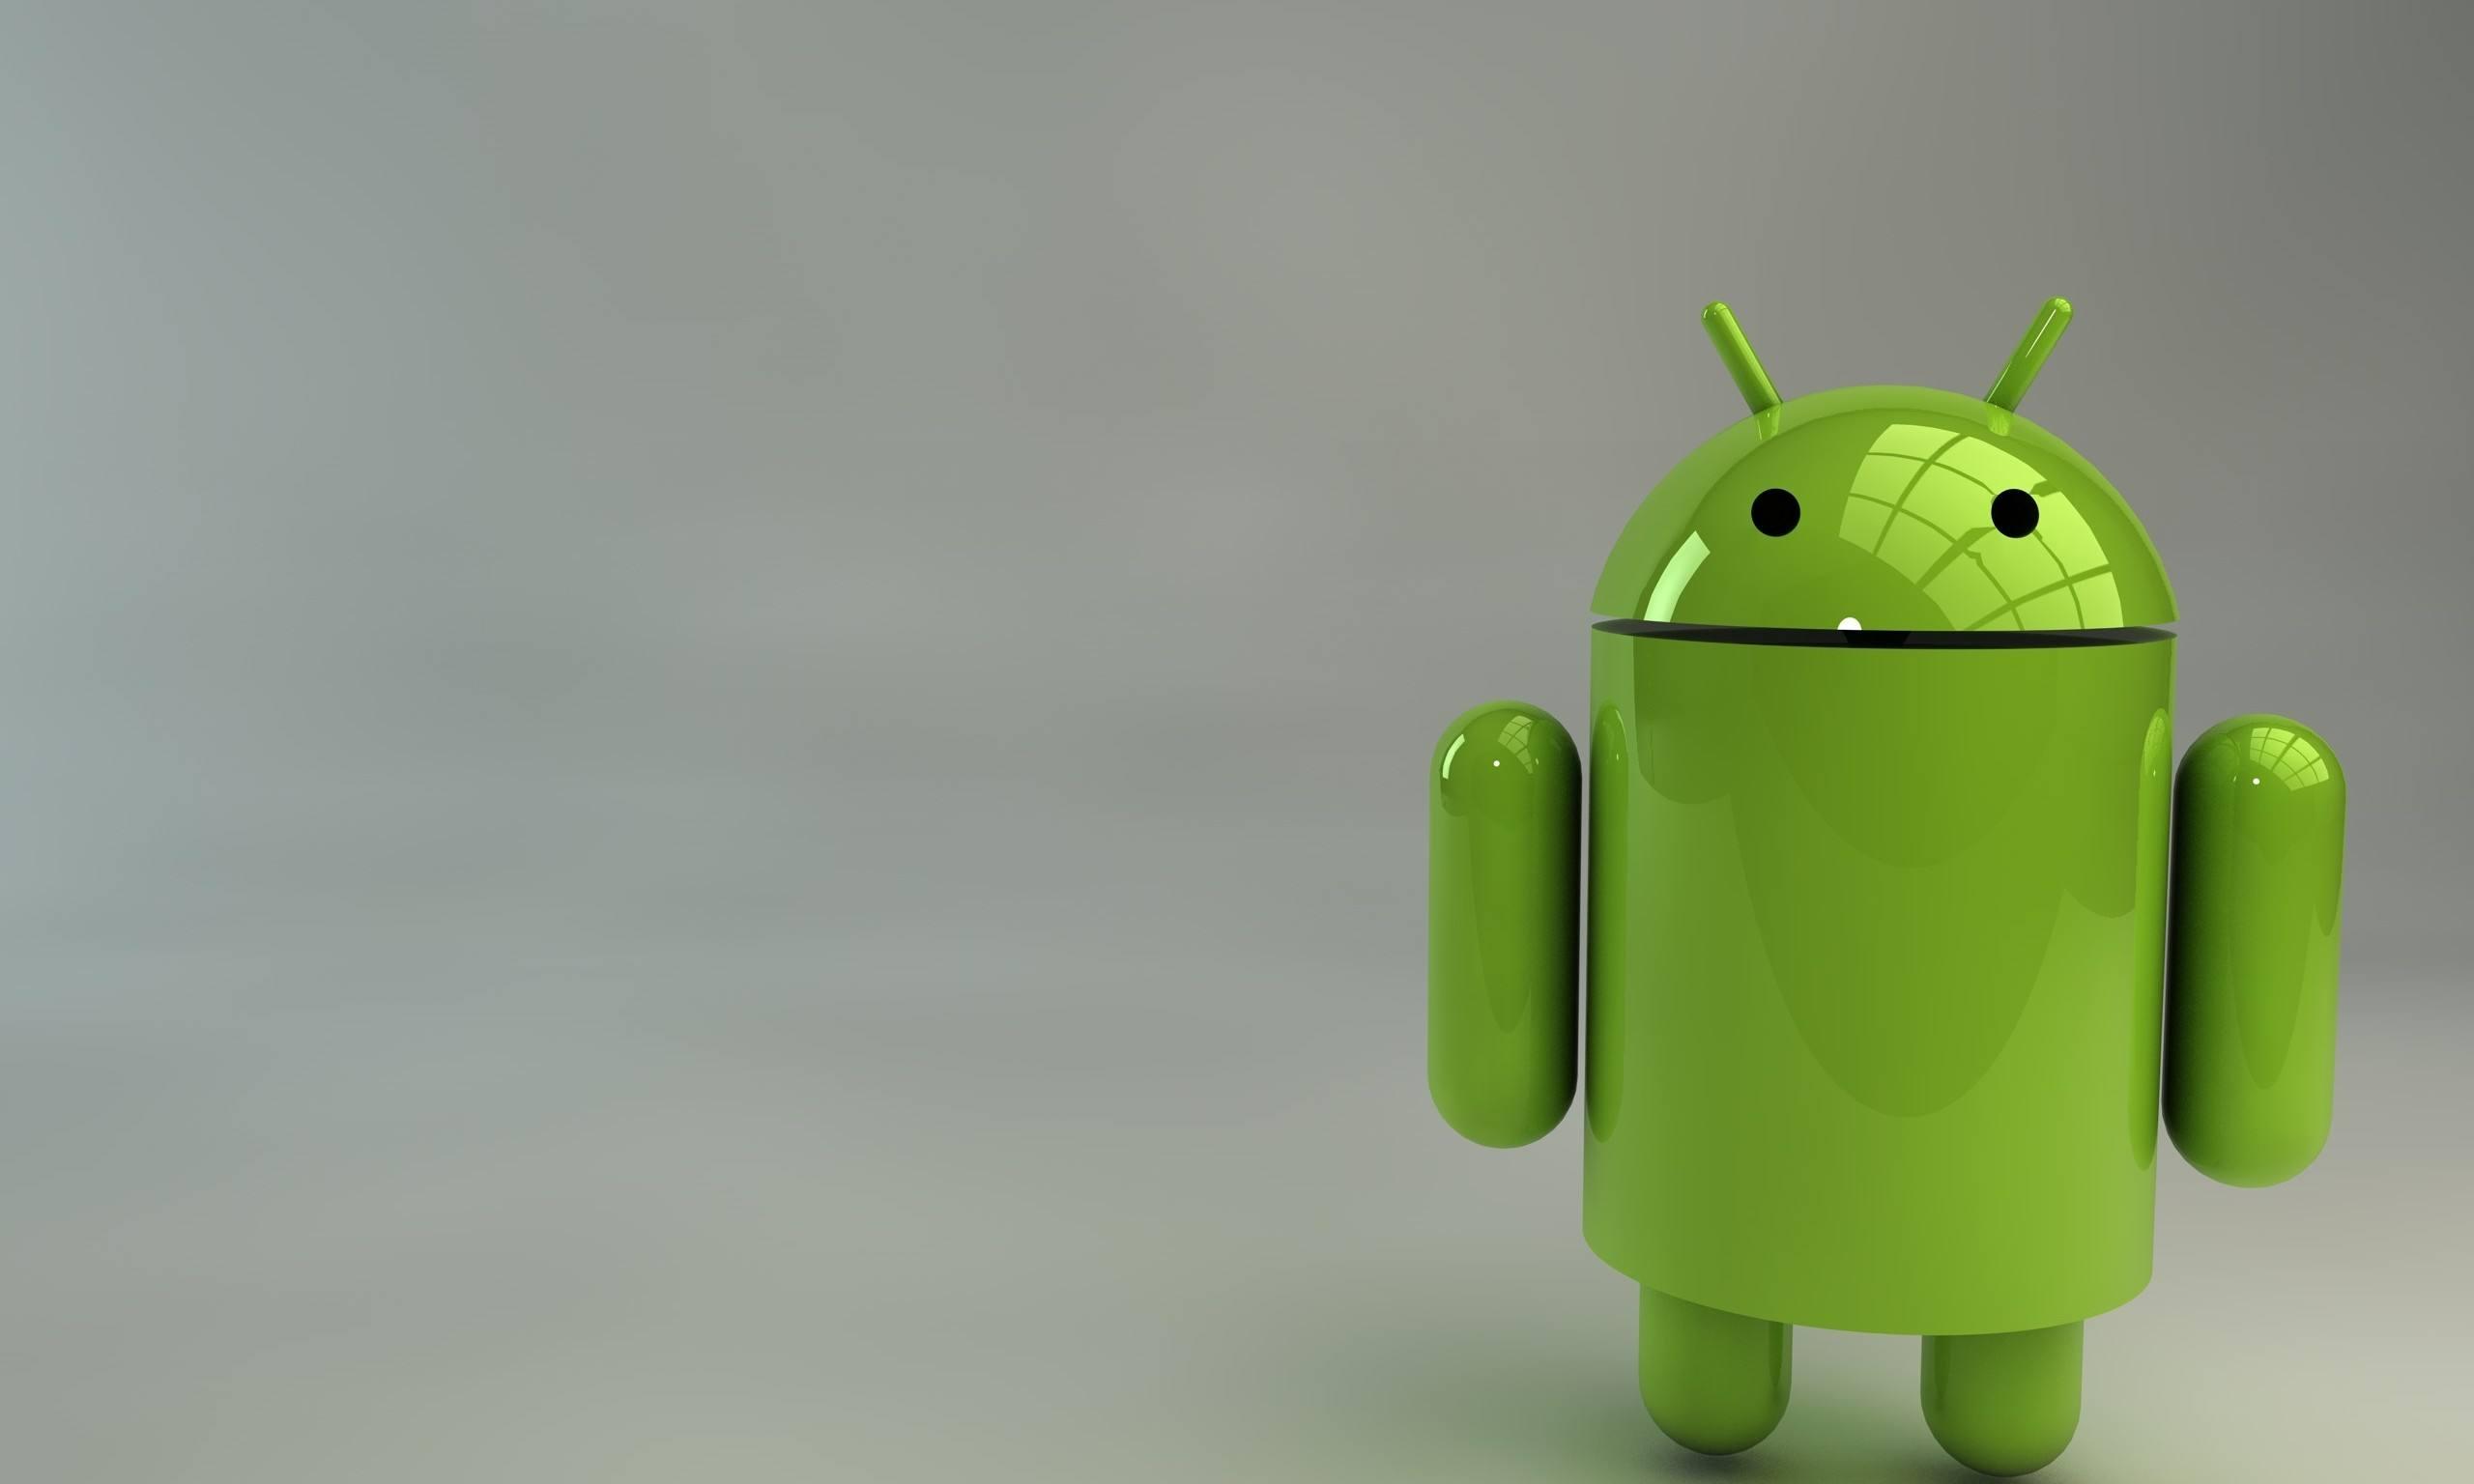 官方确认!小米9和小米MIX 3 5G版将率先适配Android Q